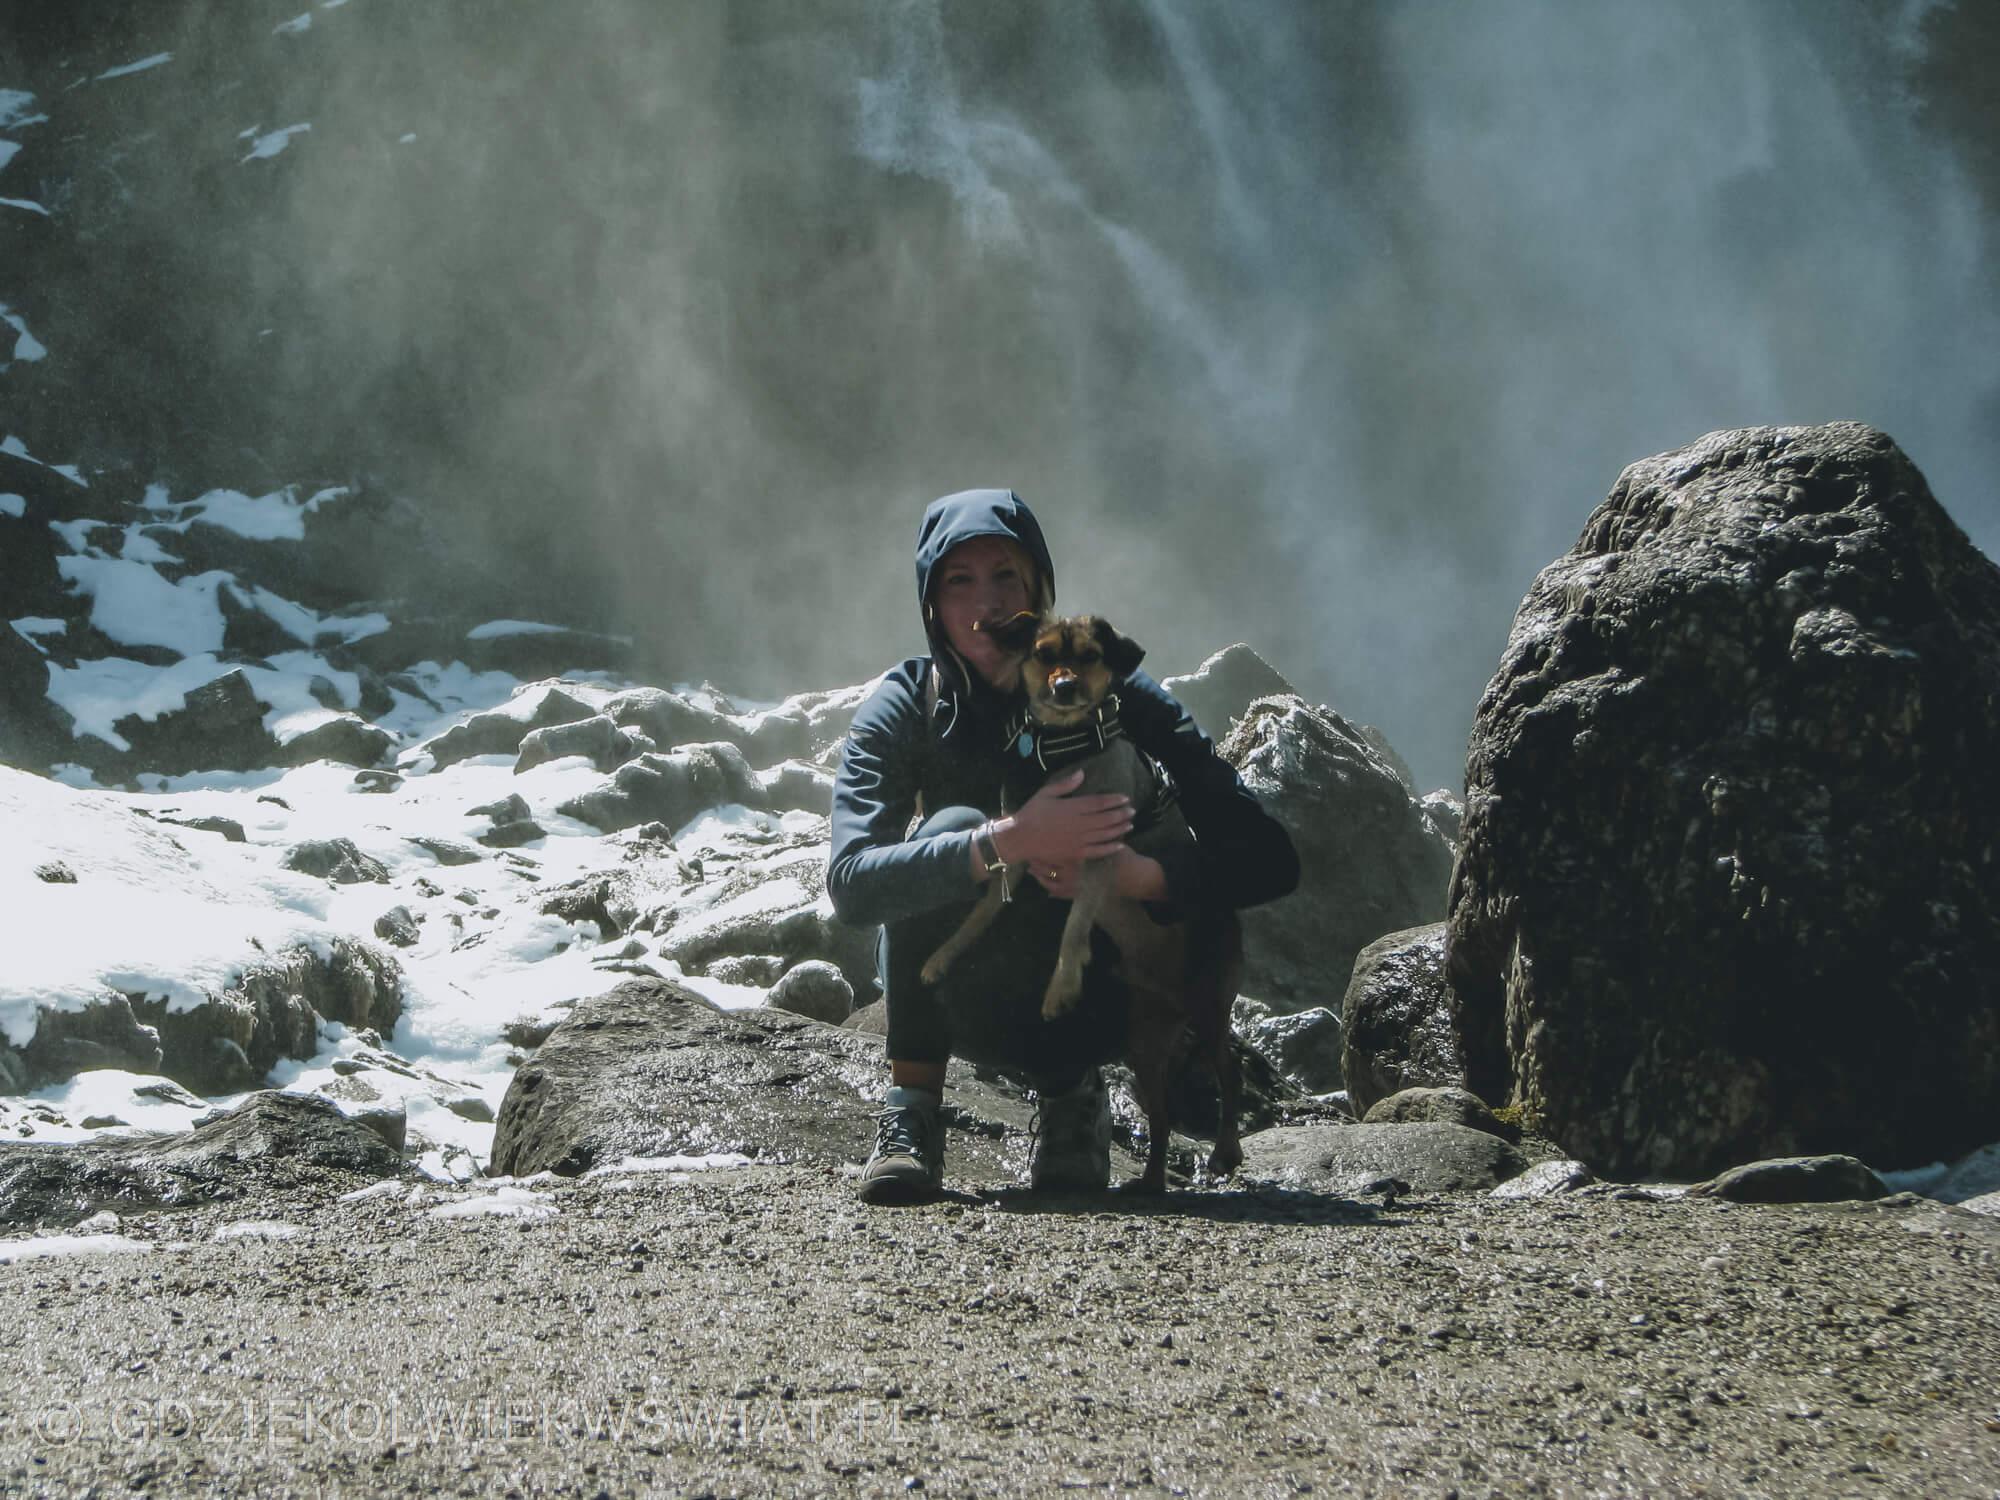 Wodospady Krimml Alpy Austriackie